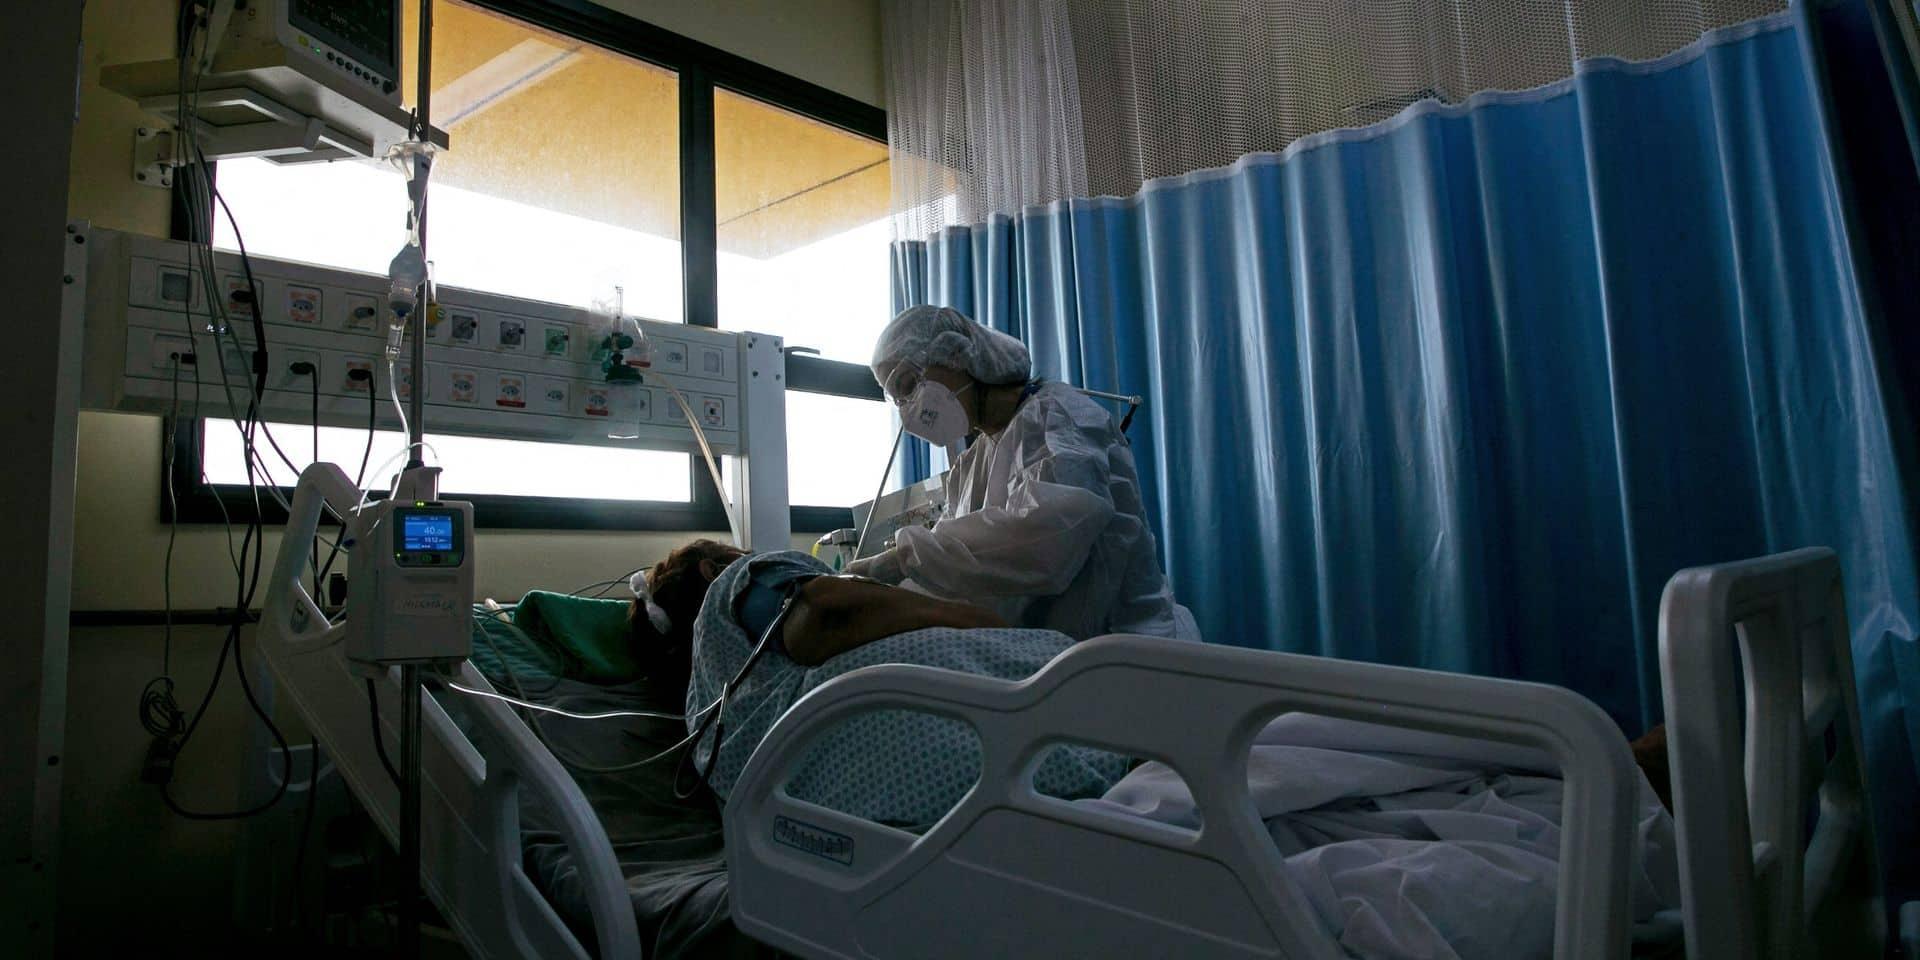 Relèvement du niveau d'alerte dans les hôpitaux: ils passeront bientôt en phase 2A